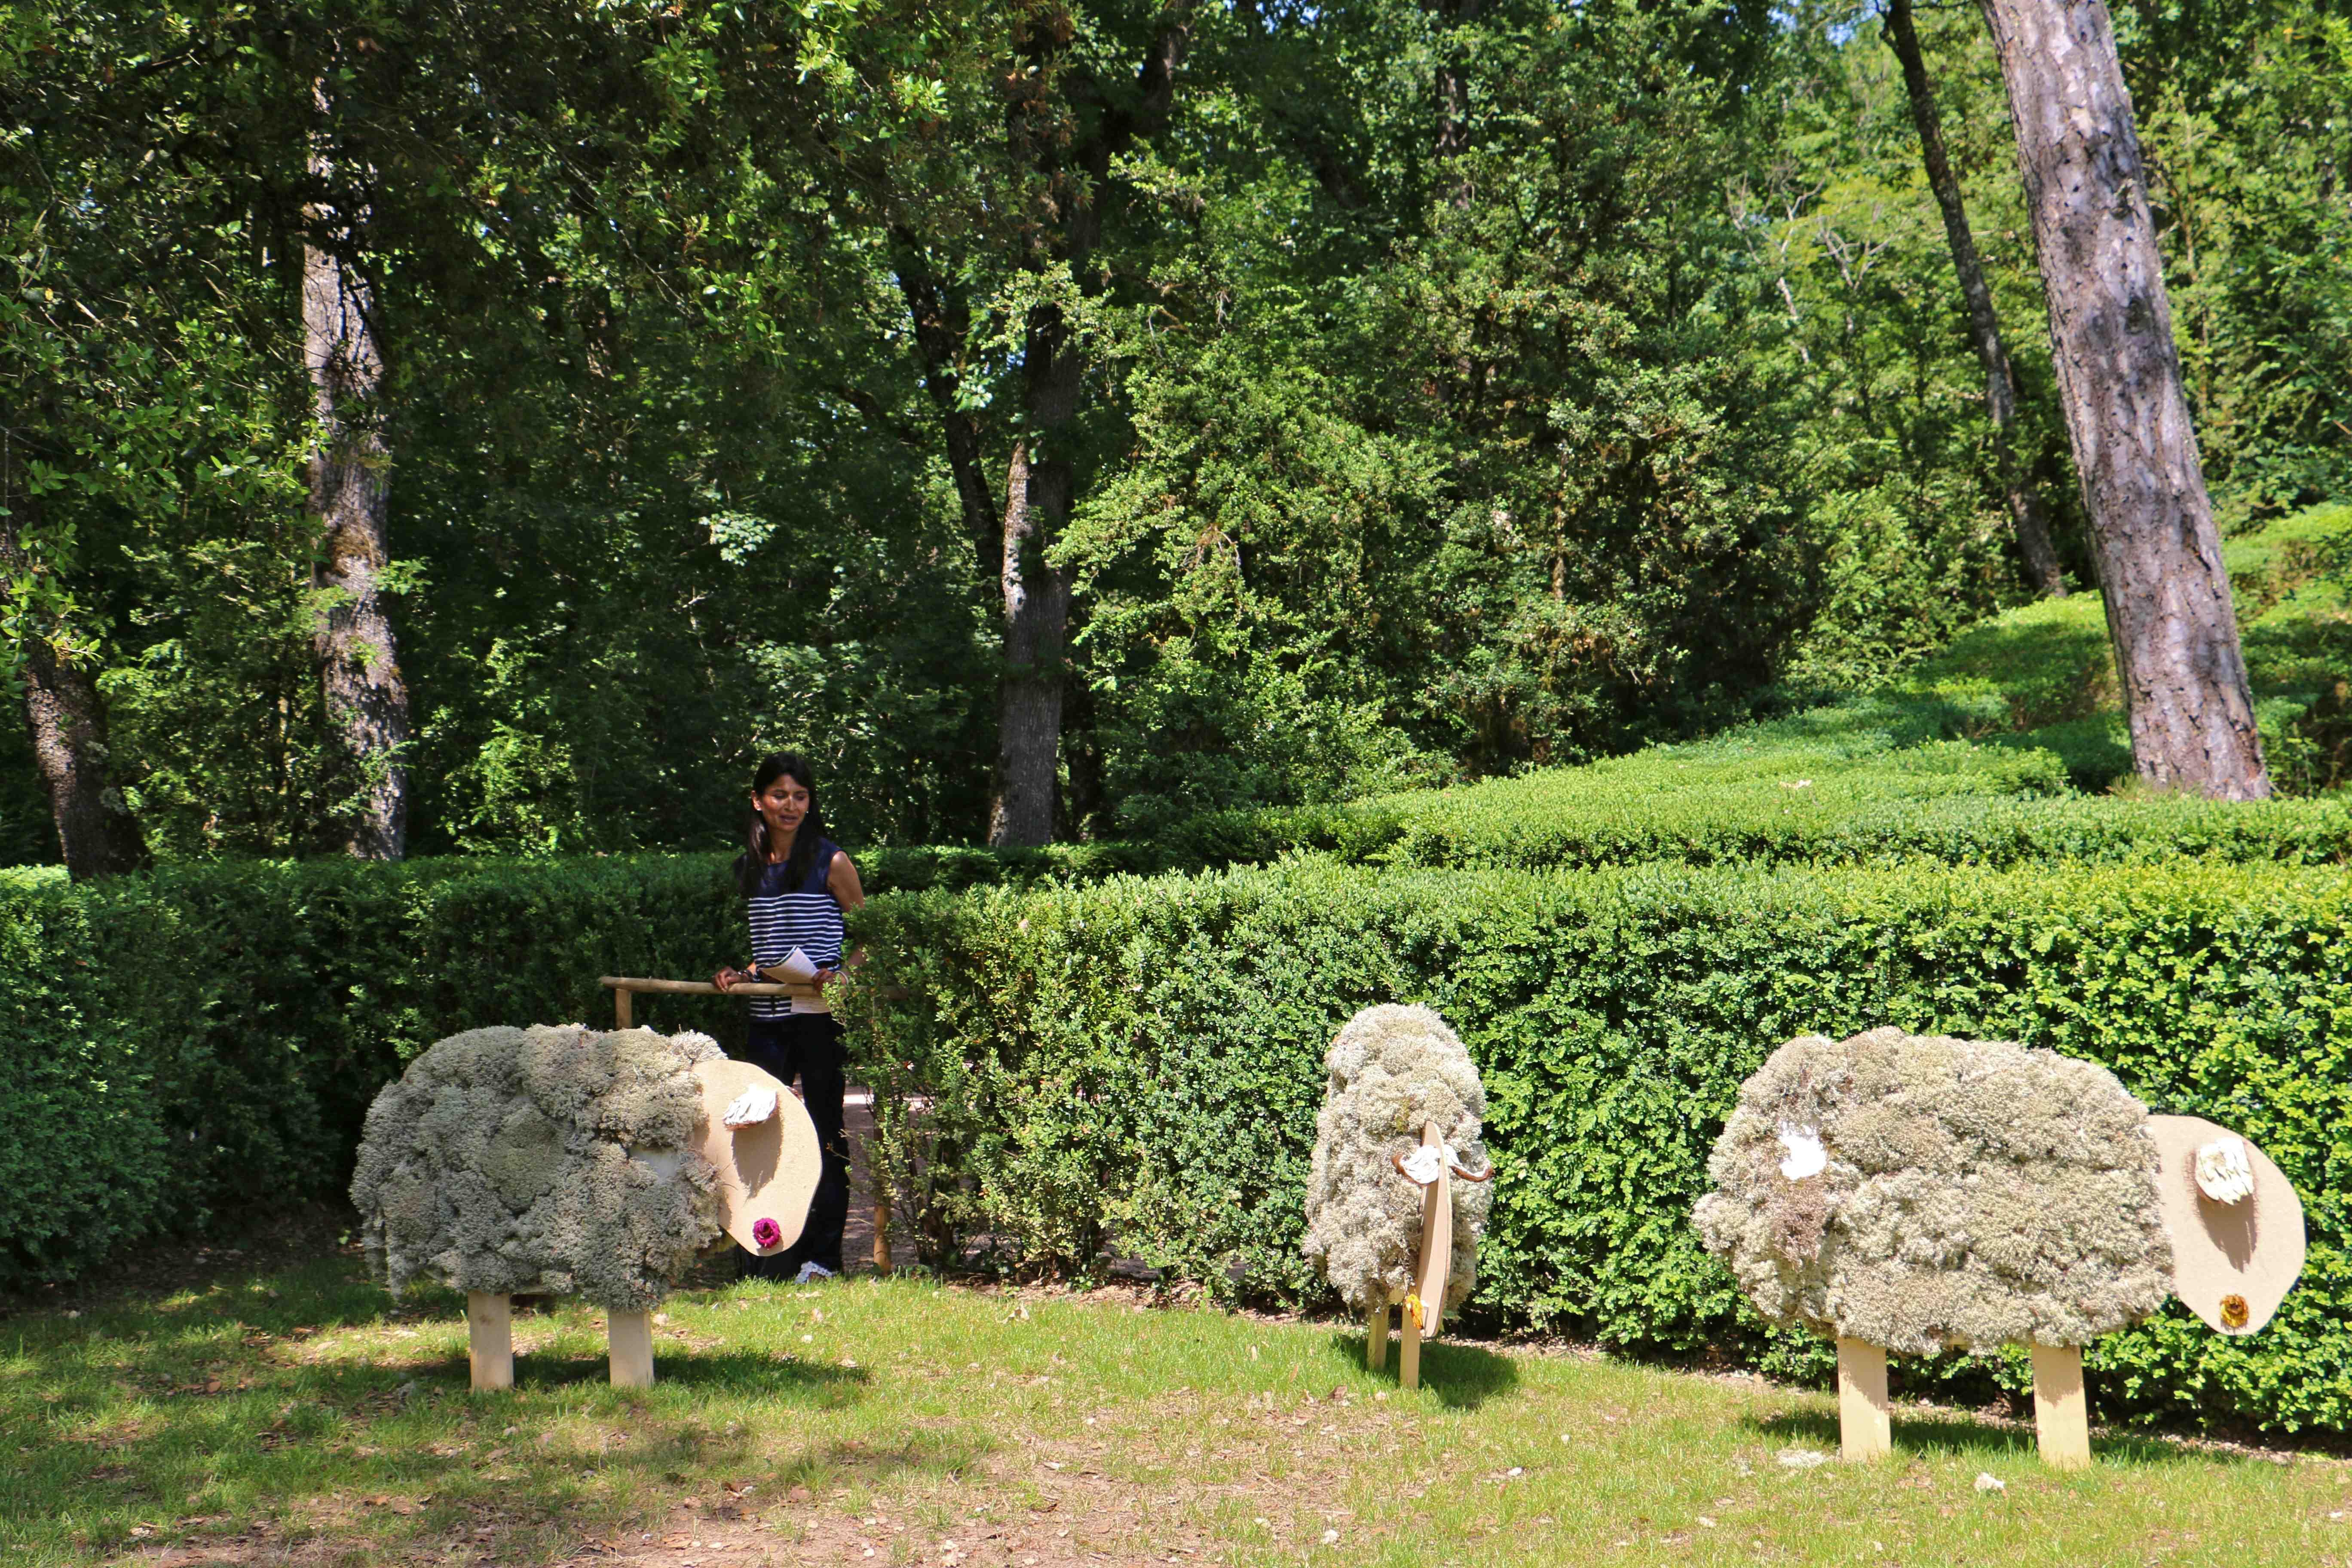 Photo v zac 24220 dans les jardins suspendus de marqueyssac v zac 237393 - Jardins suspendus de marqueyssac ...